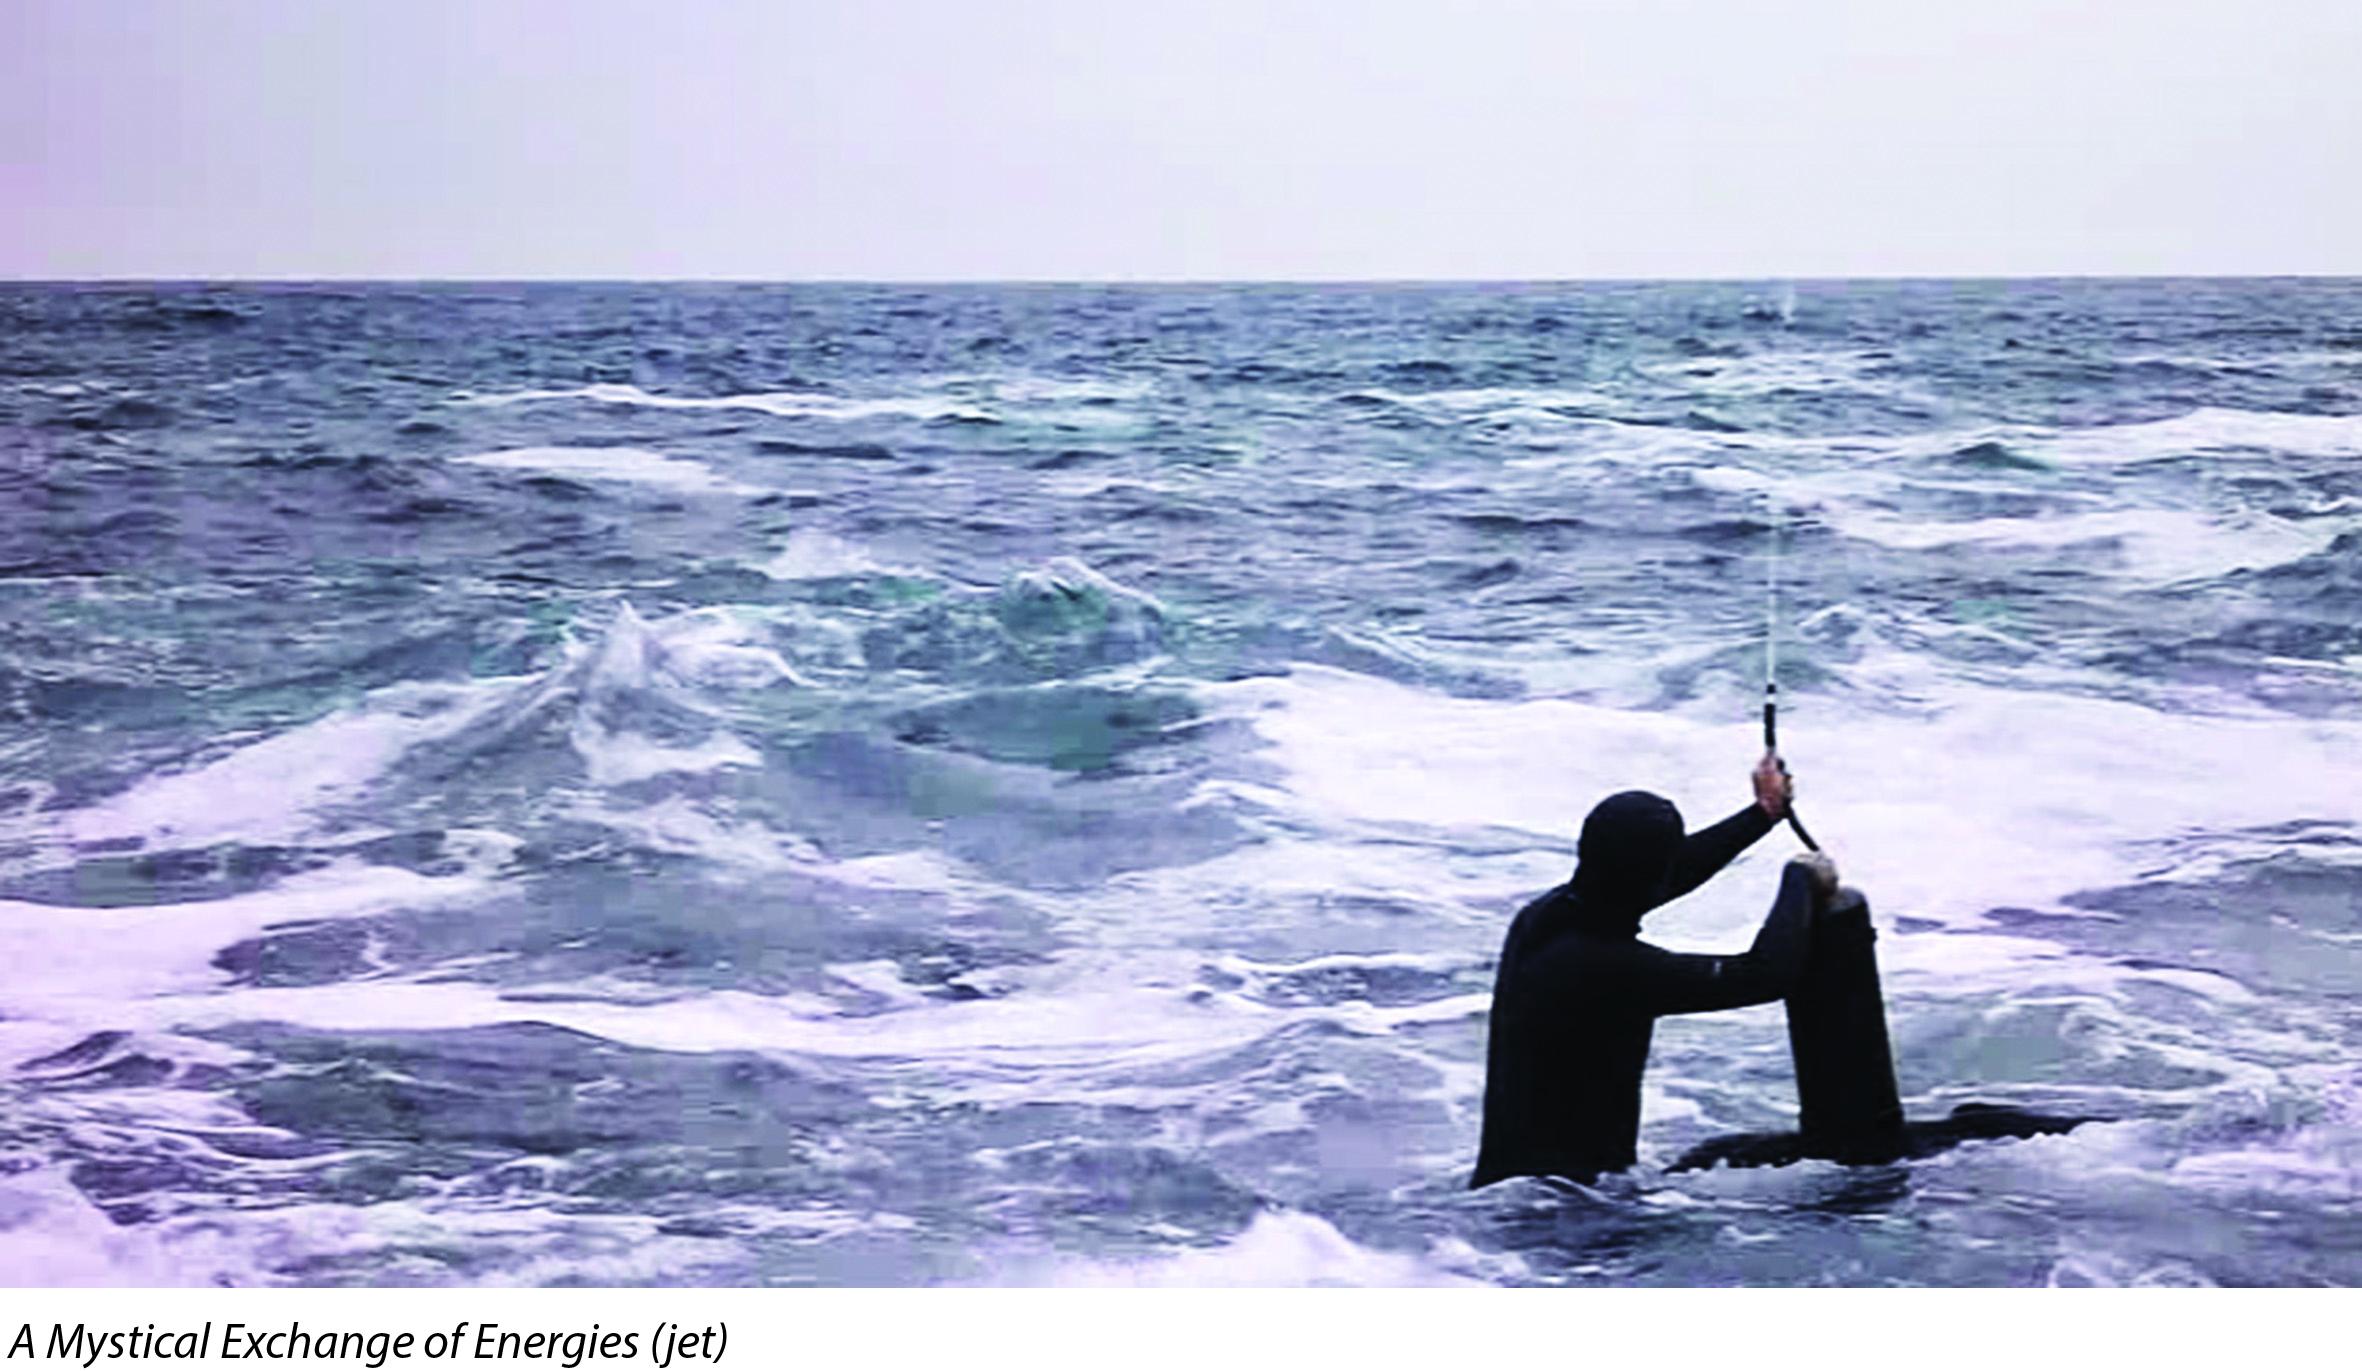 A Mystical Exchange of Energies jet.jpg